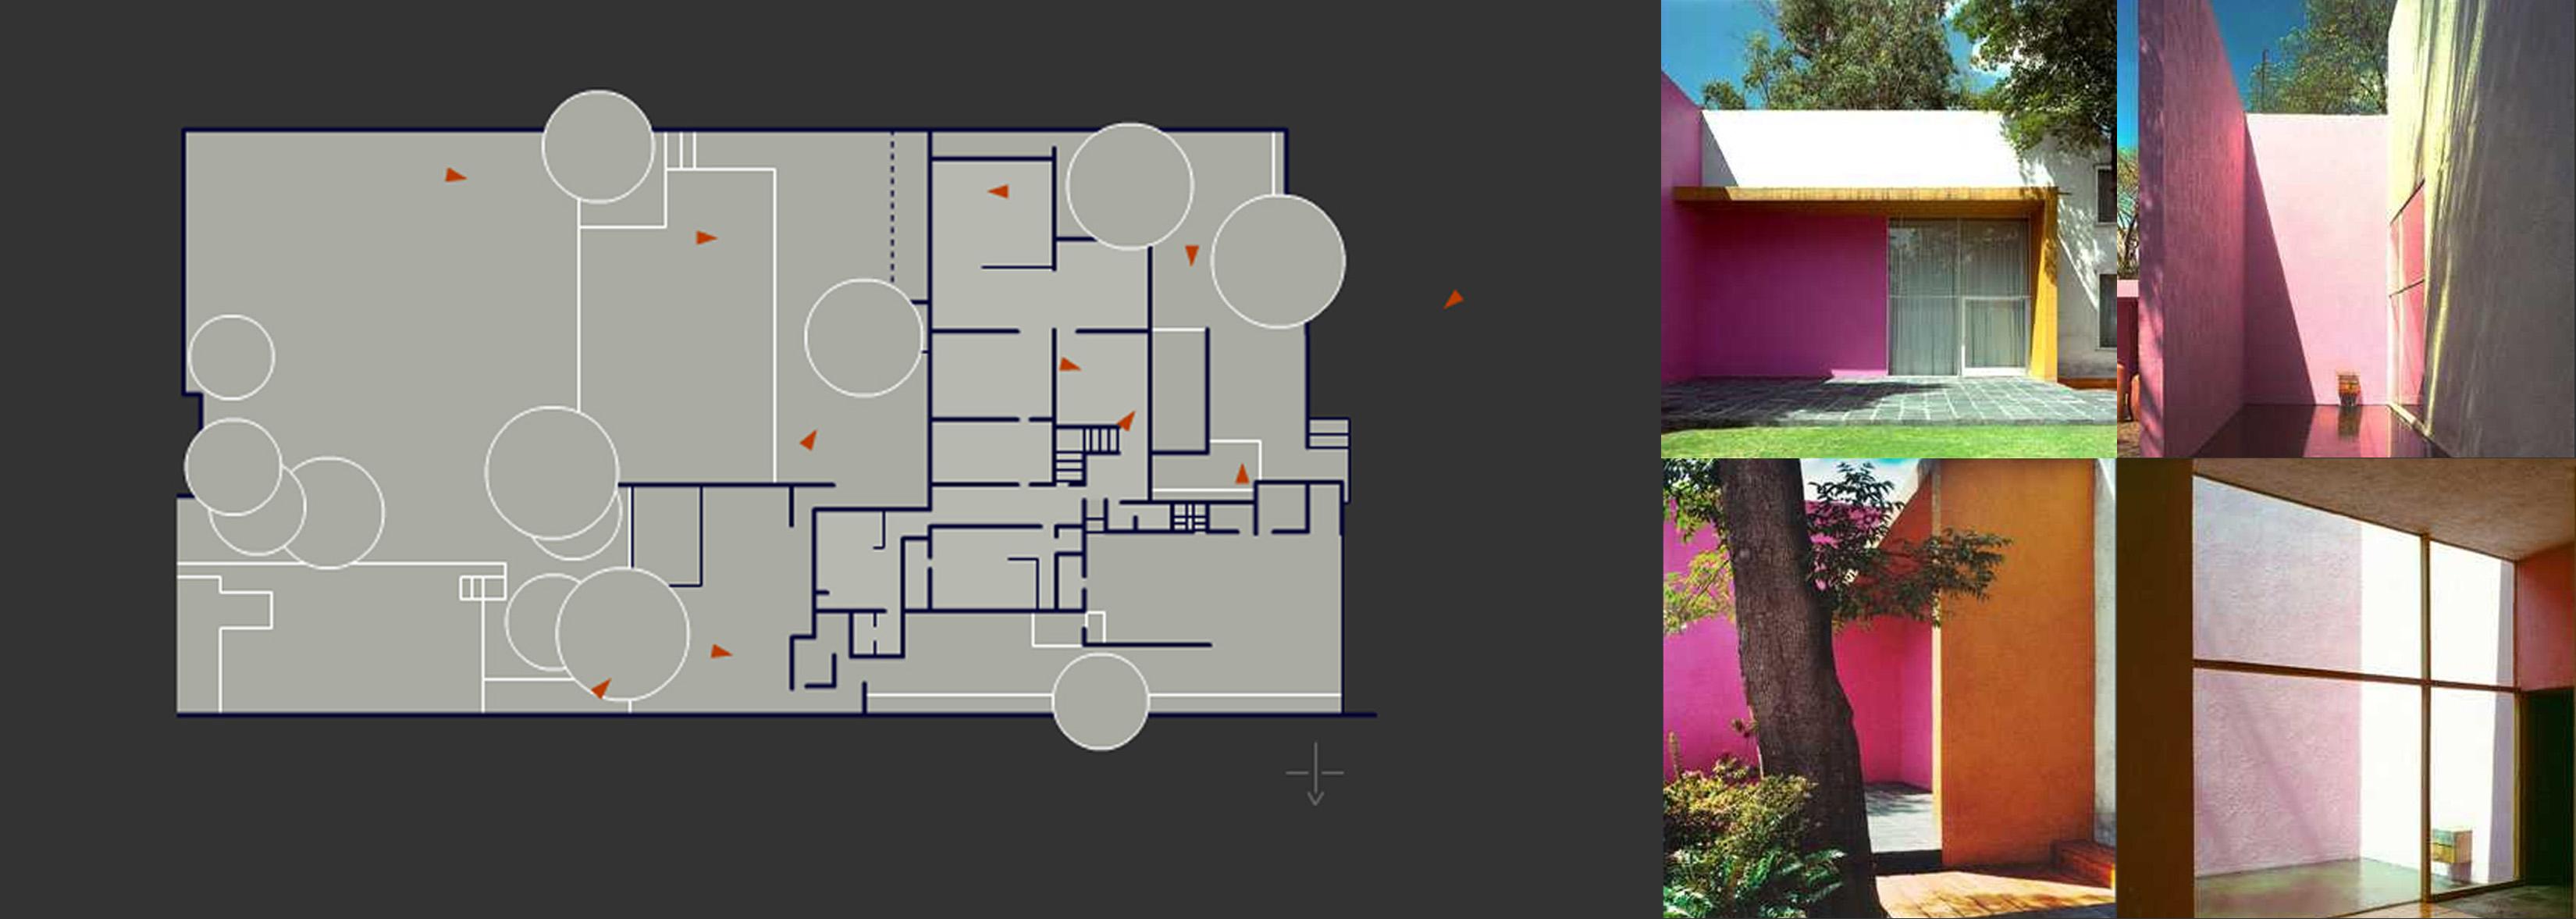 Premios pritzker viaje por la arquitectura contempor nea for Casillas para jardin